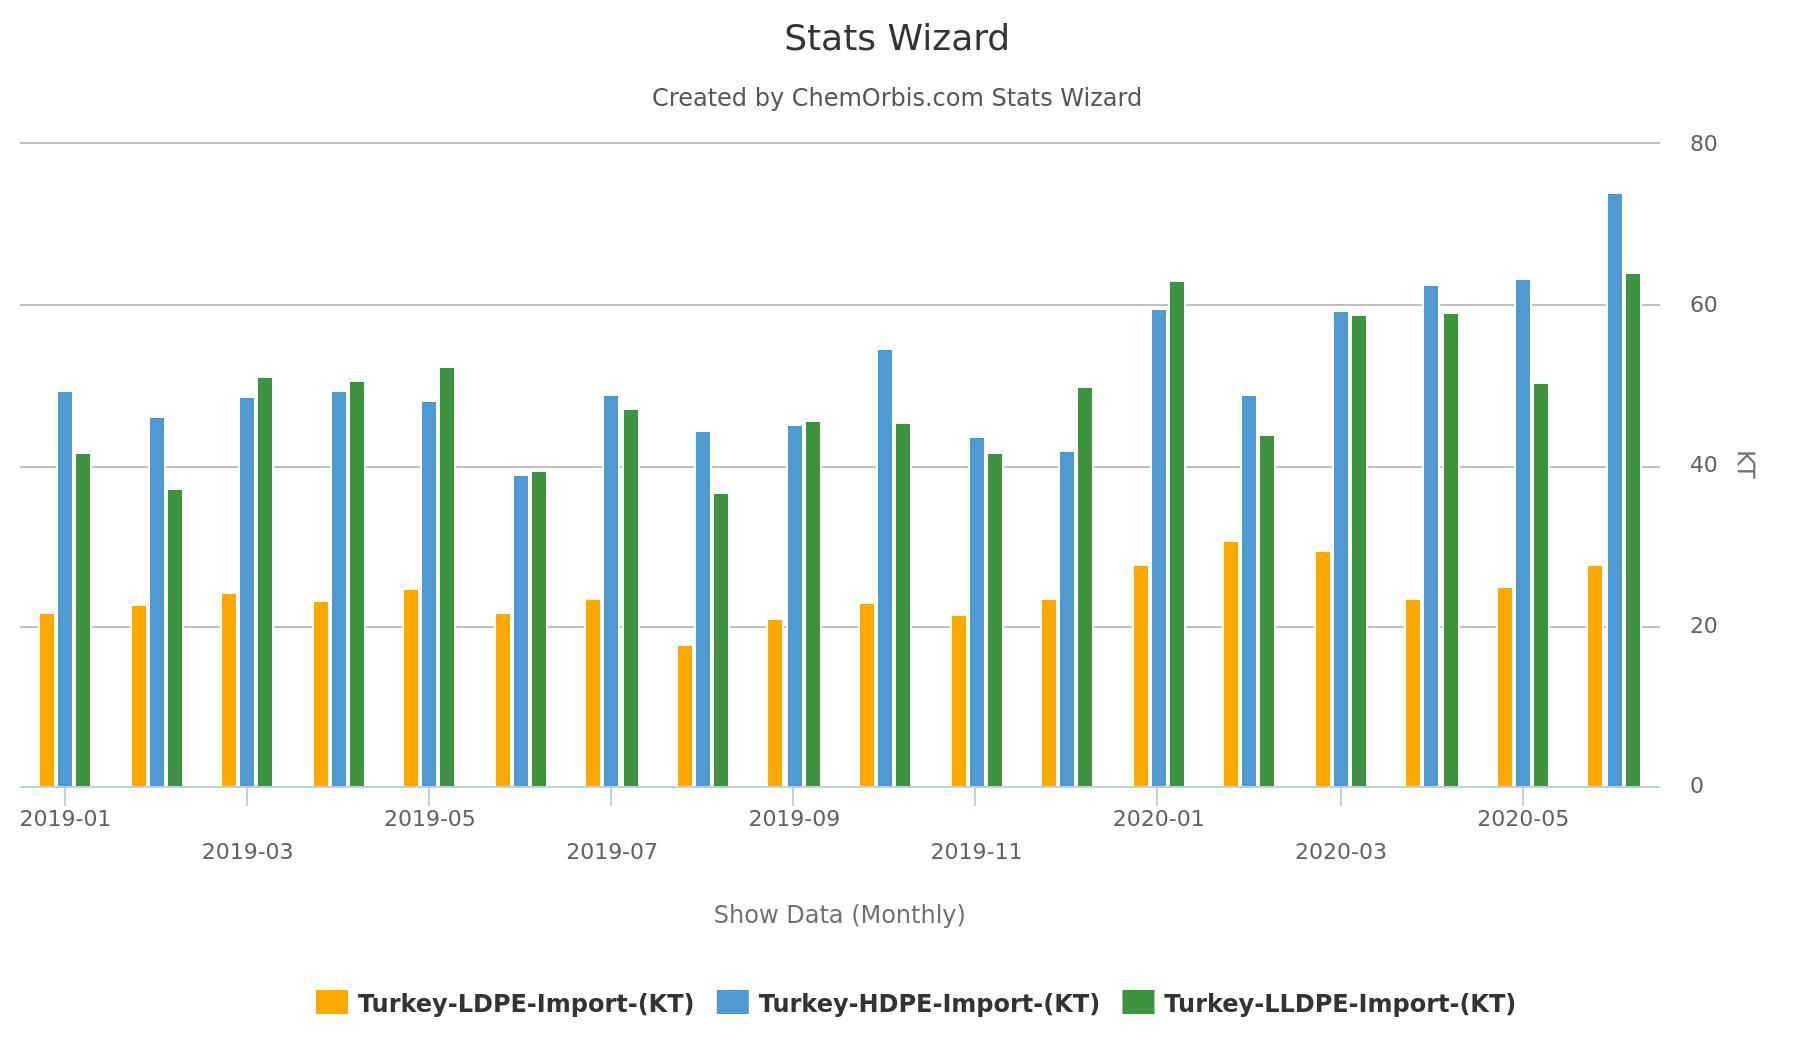 Thổ Nhĩ Kỳ đã nhập khẩu gần 41,000 tấn HDPE từ Iran trong suốt tháng Một tới tháng Sáu - Thổ Nhĩ Kỳ nhập khẩu polymer